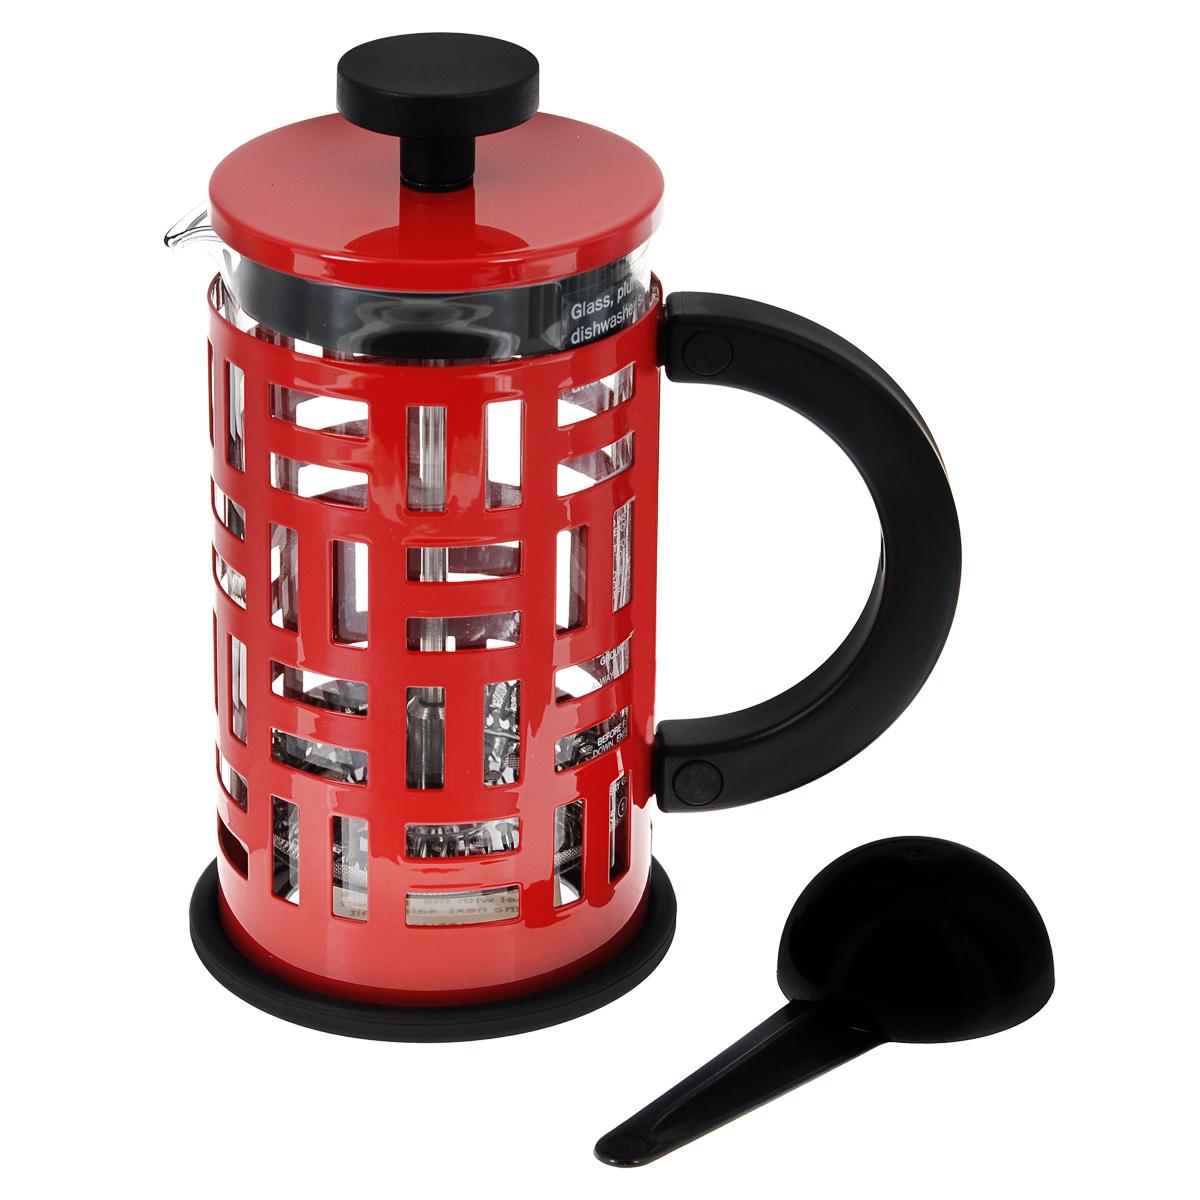 Кофейник Bodum Eileen с прессом, цвет: красный, 350 мл11198-294Кофейник Bodum Eileen имеет жаропрочный, теплосберегающий узкий стеклянный цилиндр и поршень, нижняя часть которого соединена с сетчатым металлическим фильтром. Кофейник изготовлен на основе технологии «френч-пресс». Кофейник Bodum Eileen имеет удобную ручку, изготовленную из пластика. Коспус кофейника, изготовлен из нержавеющей стали, в оригинальном стиле.Свое название кофейник приобрел, благодаря гениальному дизайнеру Эйлин Грей (Eileen Gray) .Стиль Эйлин, схож со стилем Bodum. Она работала с металлом и создавала простые и лаконичные формы. Кофейник можно наблюдать во многих кафе Парижа.Кофейник с прессом Bodum Eileen добавит вашему домашнему интерьеру французского шарма. Не применять на плите.Мешать кофе пластмассовой ложкой (входит в комплект).Сильно не давить на пресс.Все детали пригодны для мытья в посудомоечной машине. Диаметр чайника: 8 см.Высота: 16,5 см.